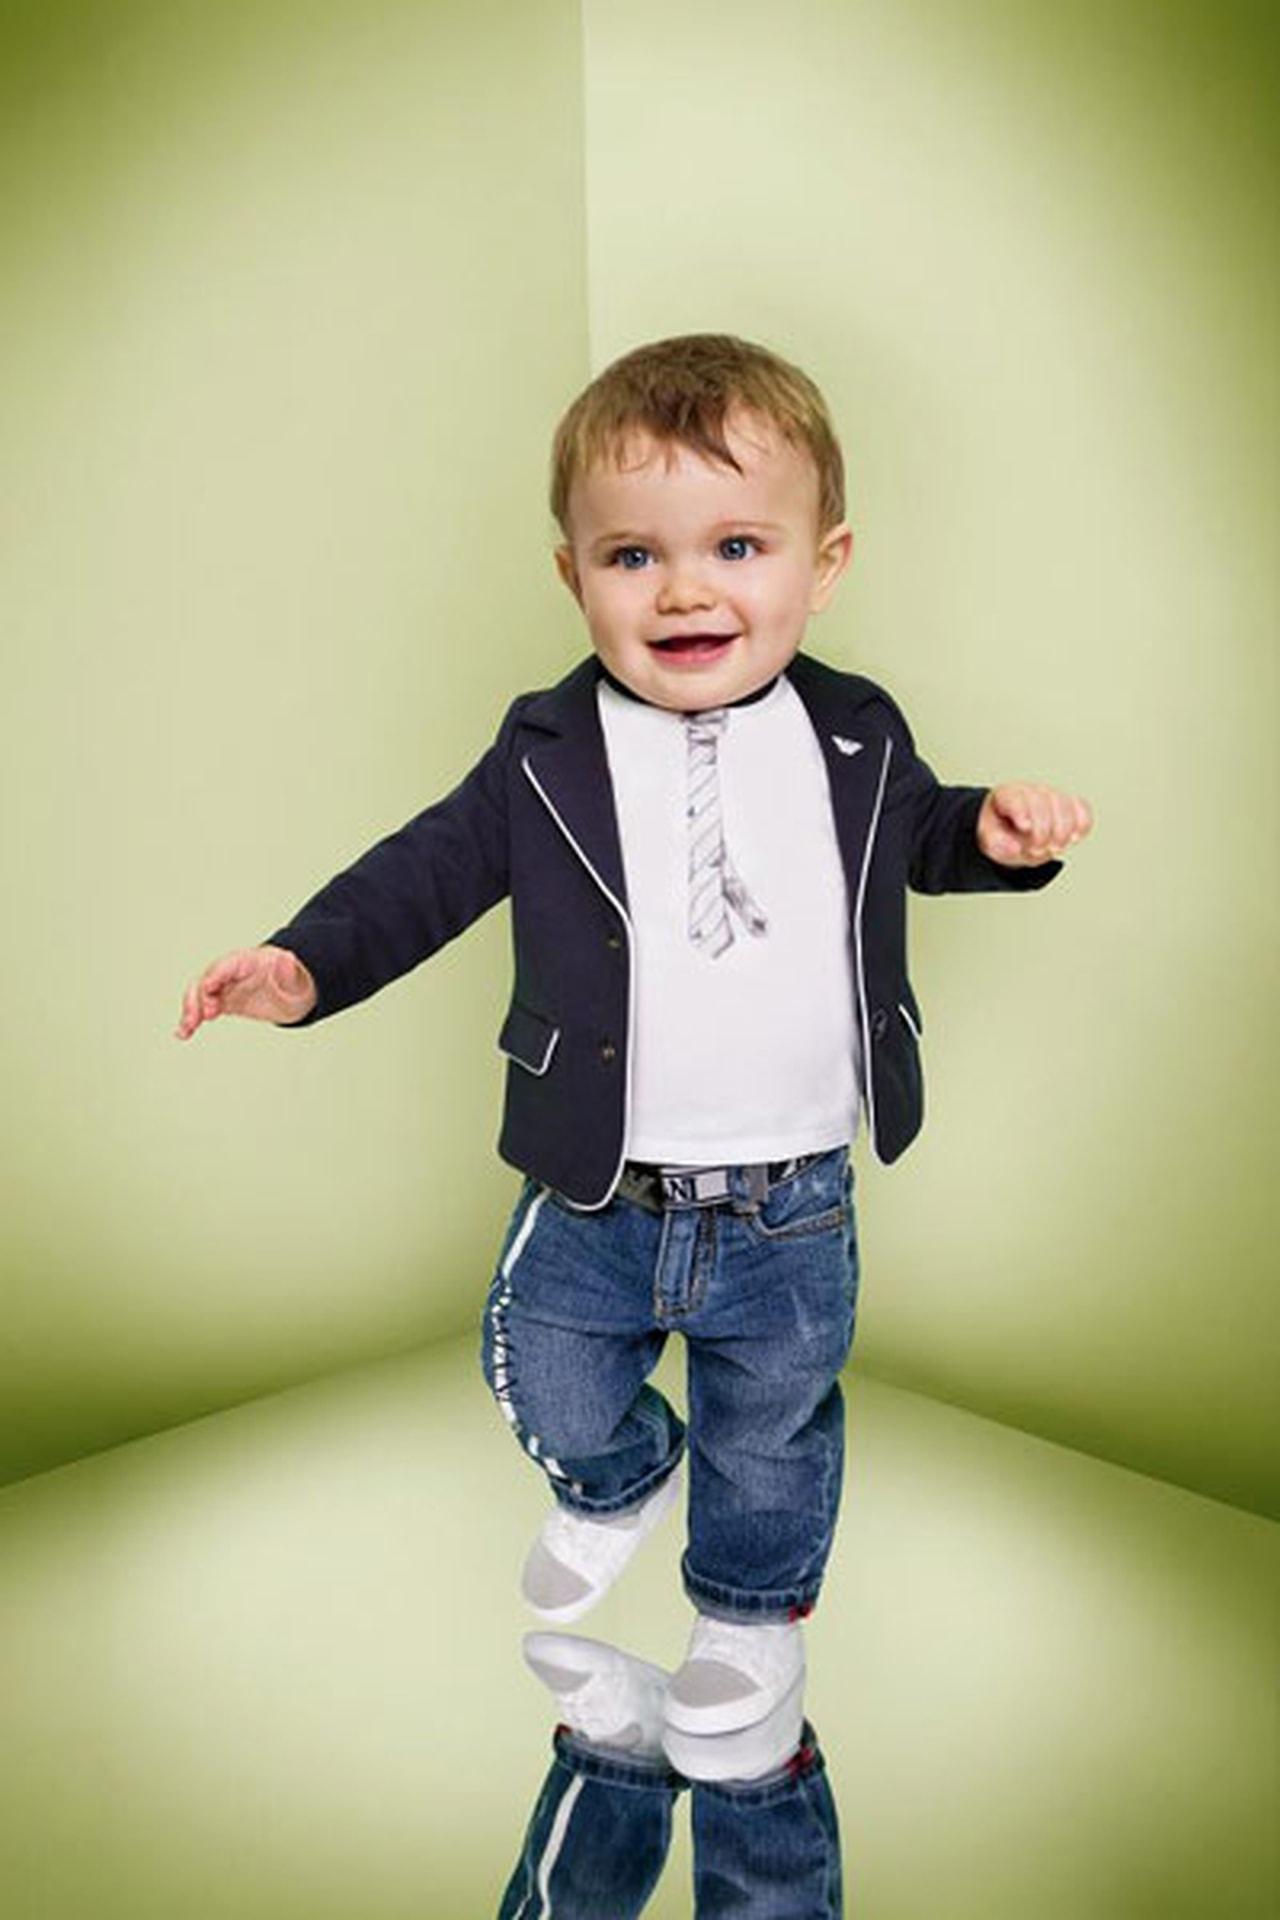 صور ملابس اطفال ولادي , ملابس اولاد اطفال